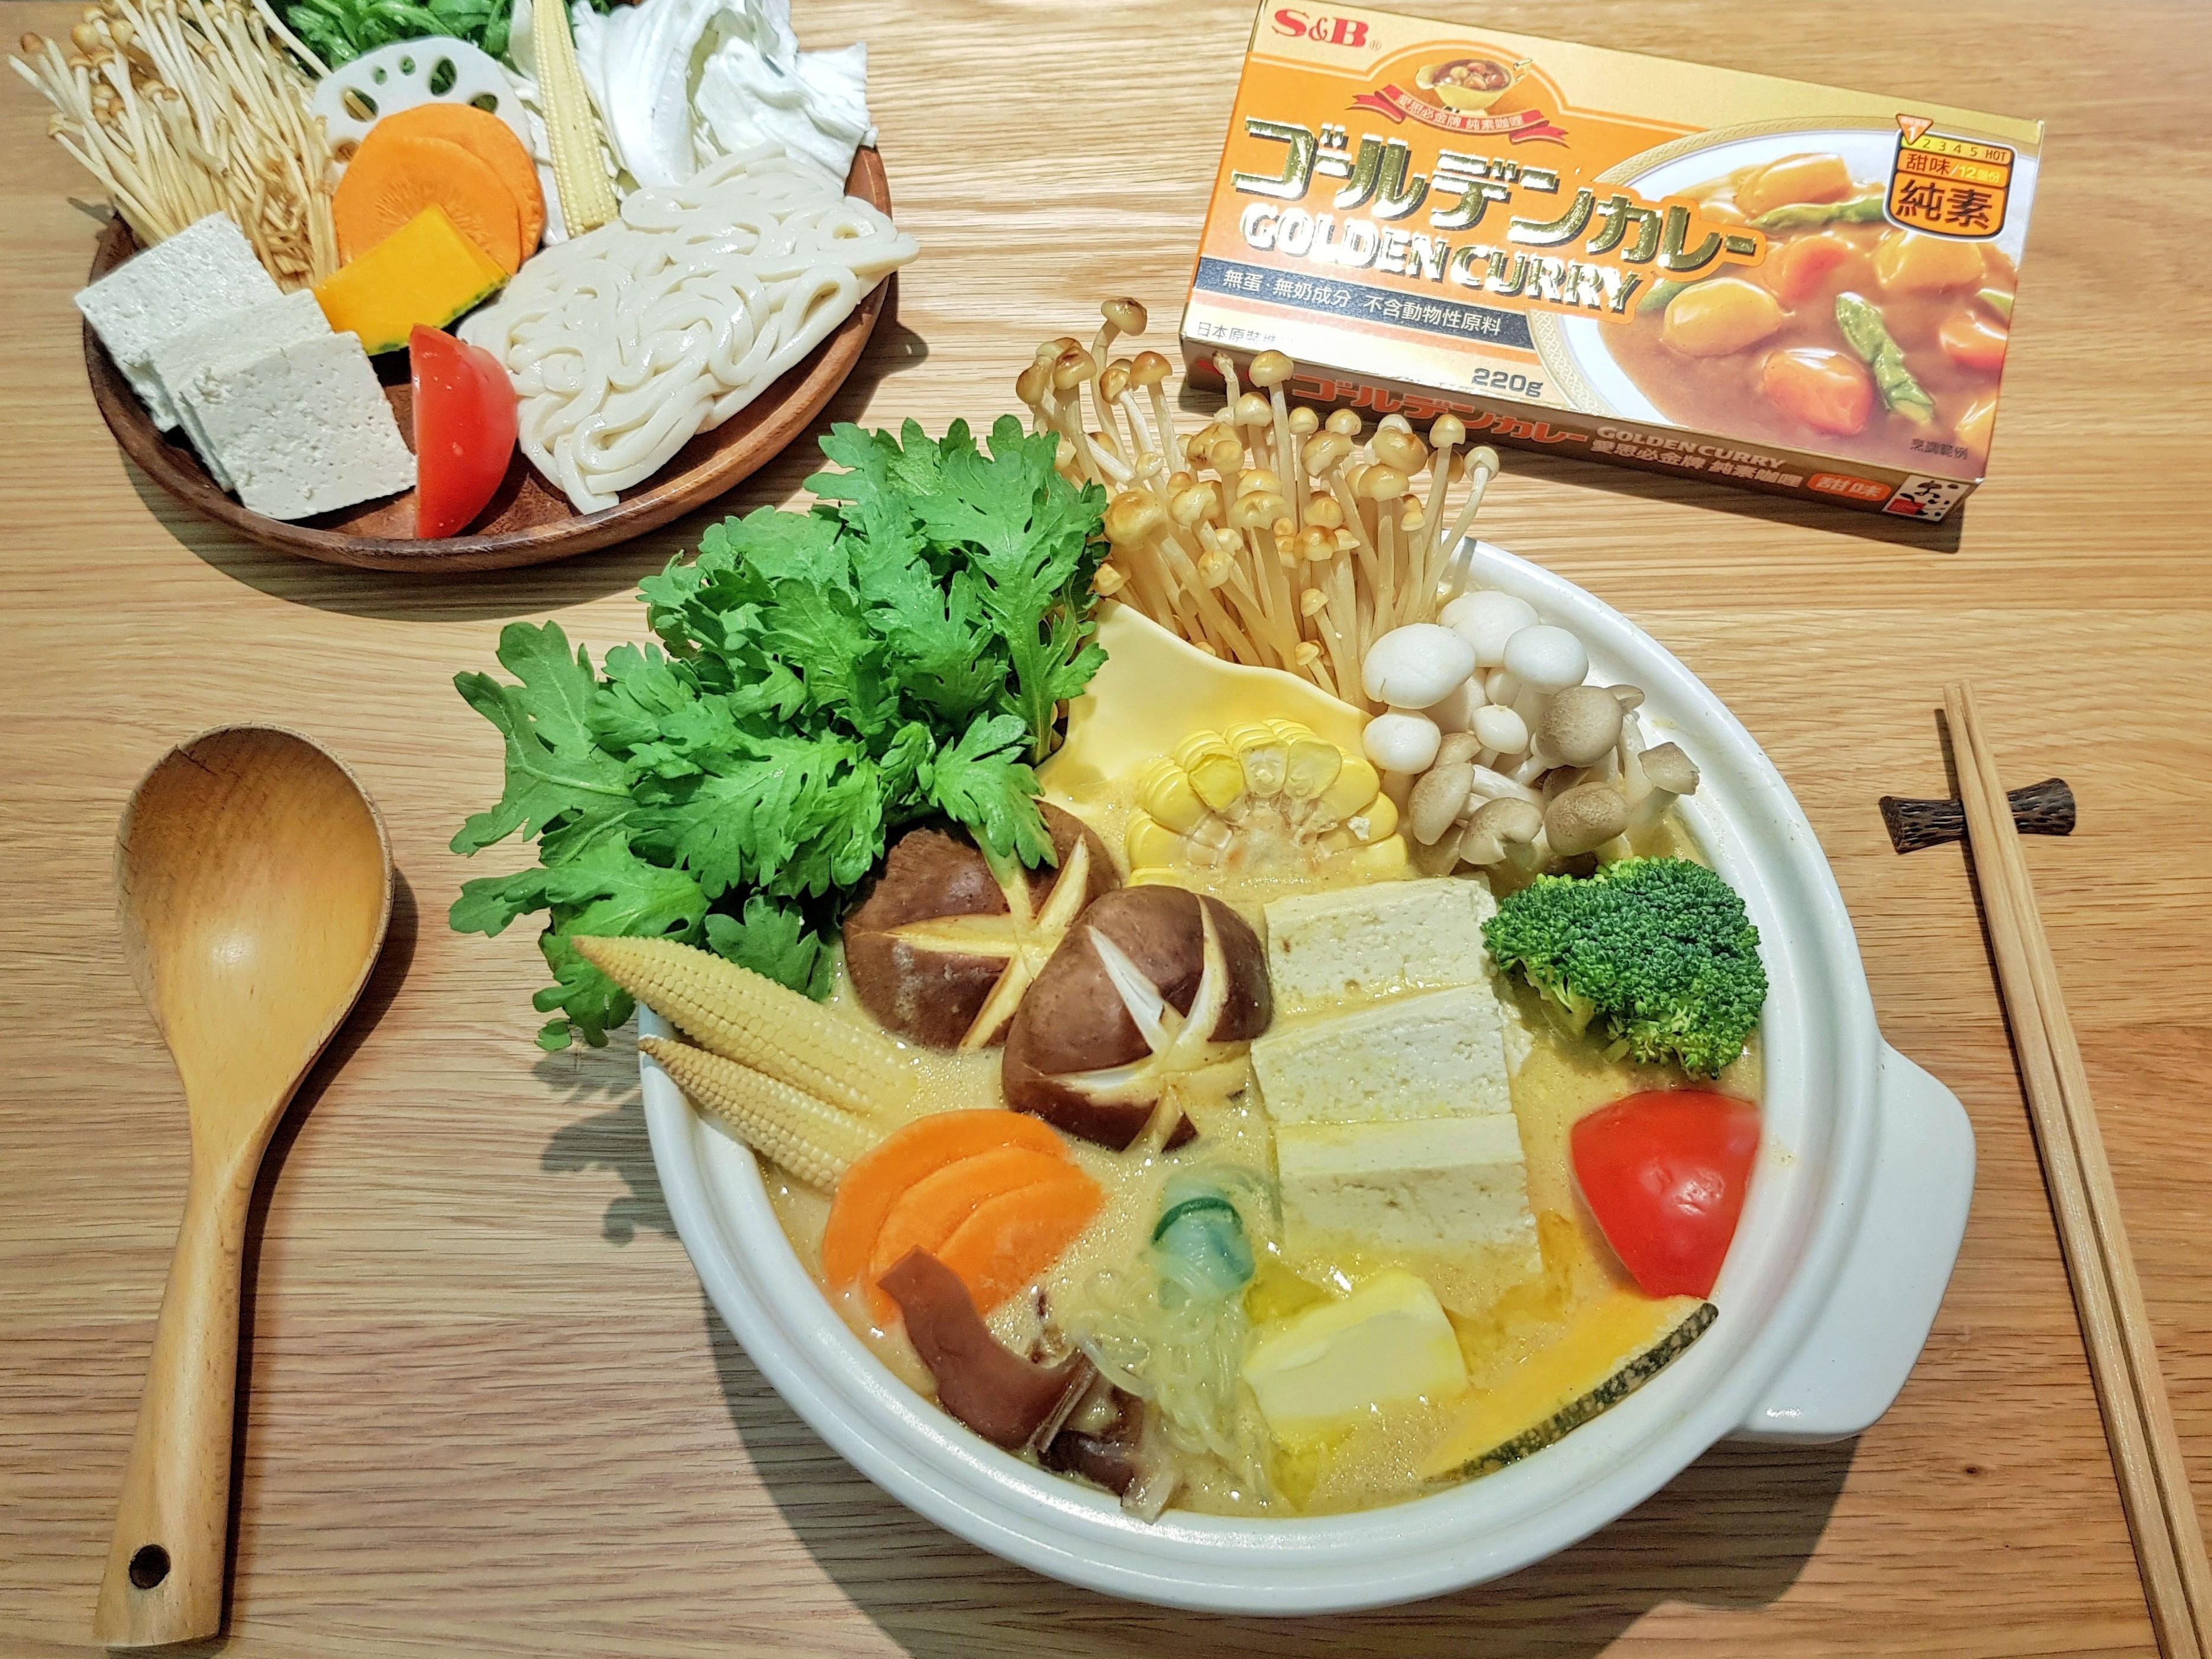 香濃咖哩味噌蔬食鍋 (S&B金牌素咖哩)